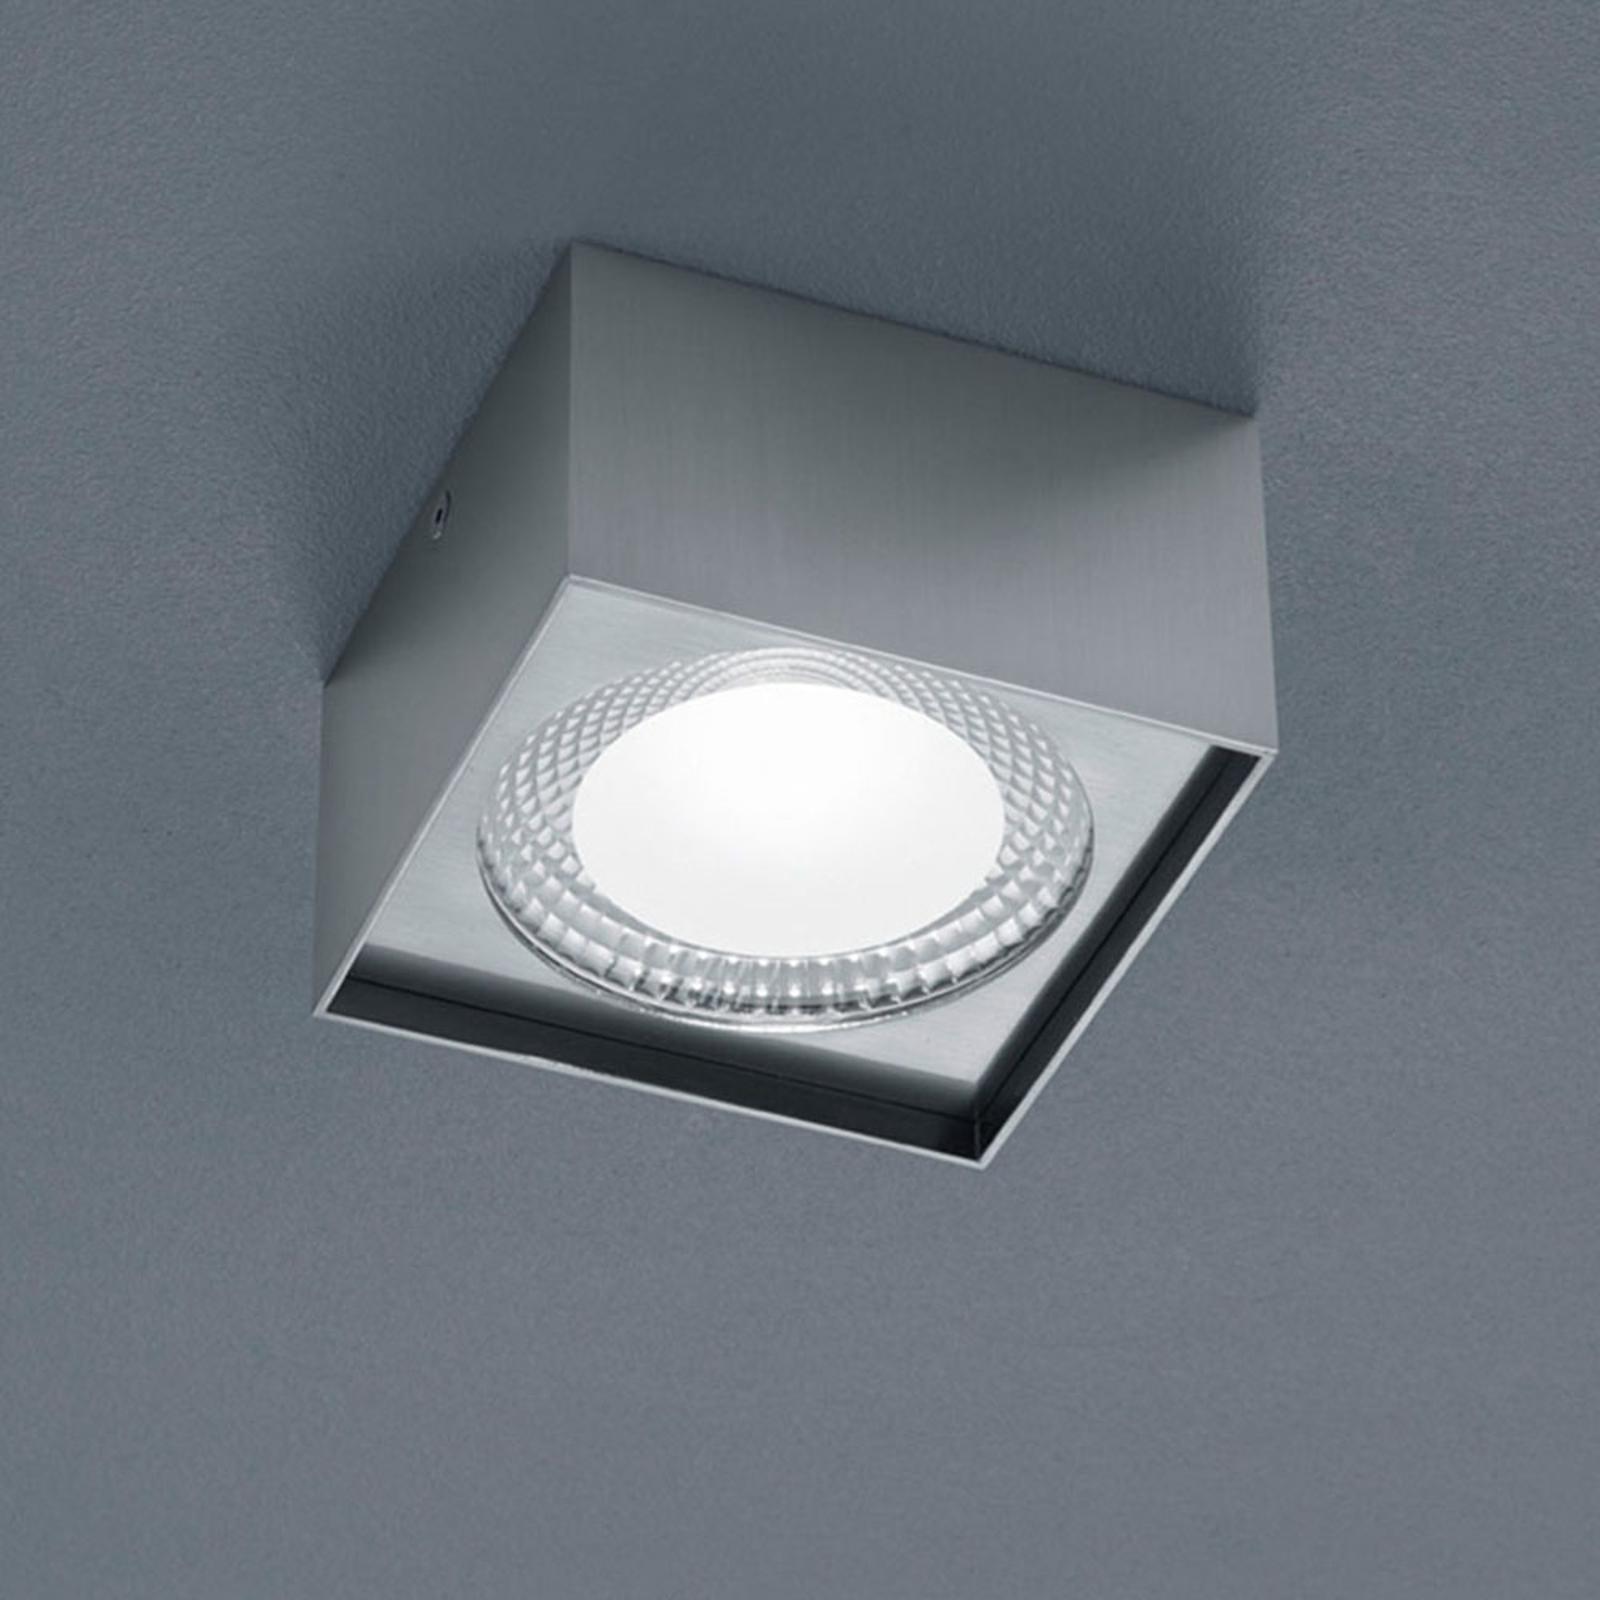 Helestra Kari LED plafondlamp, hoekig, nikkel